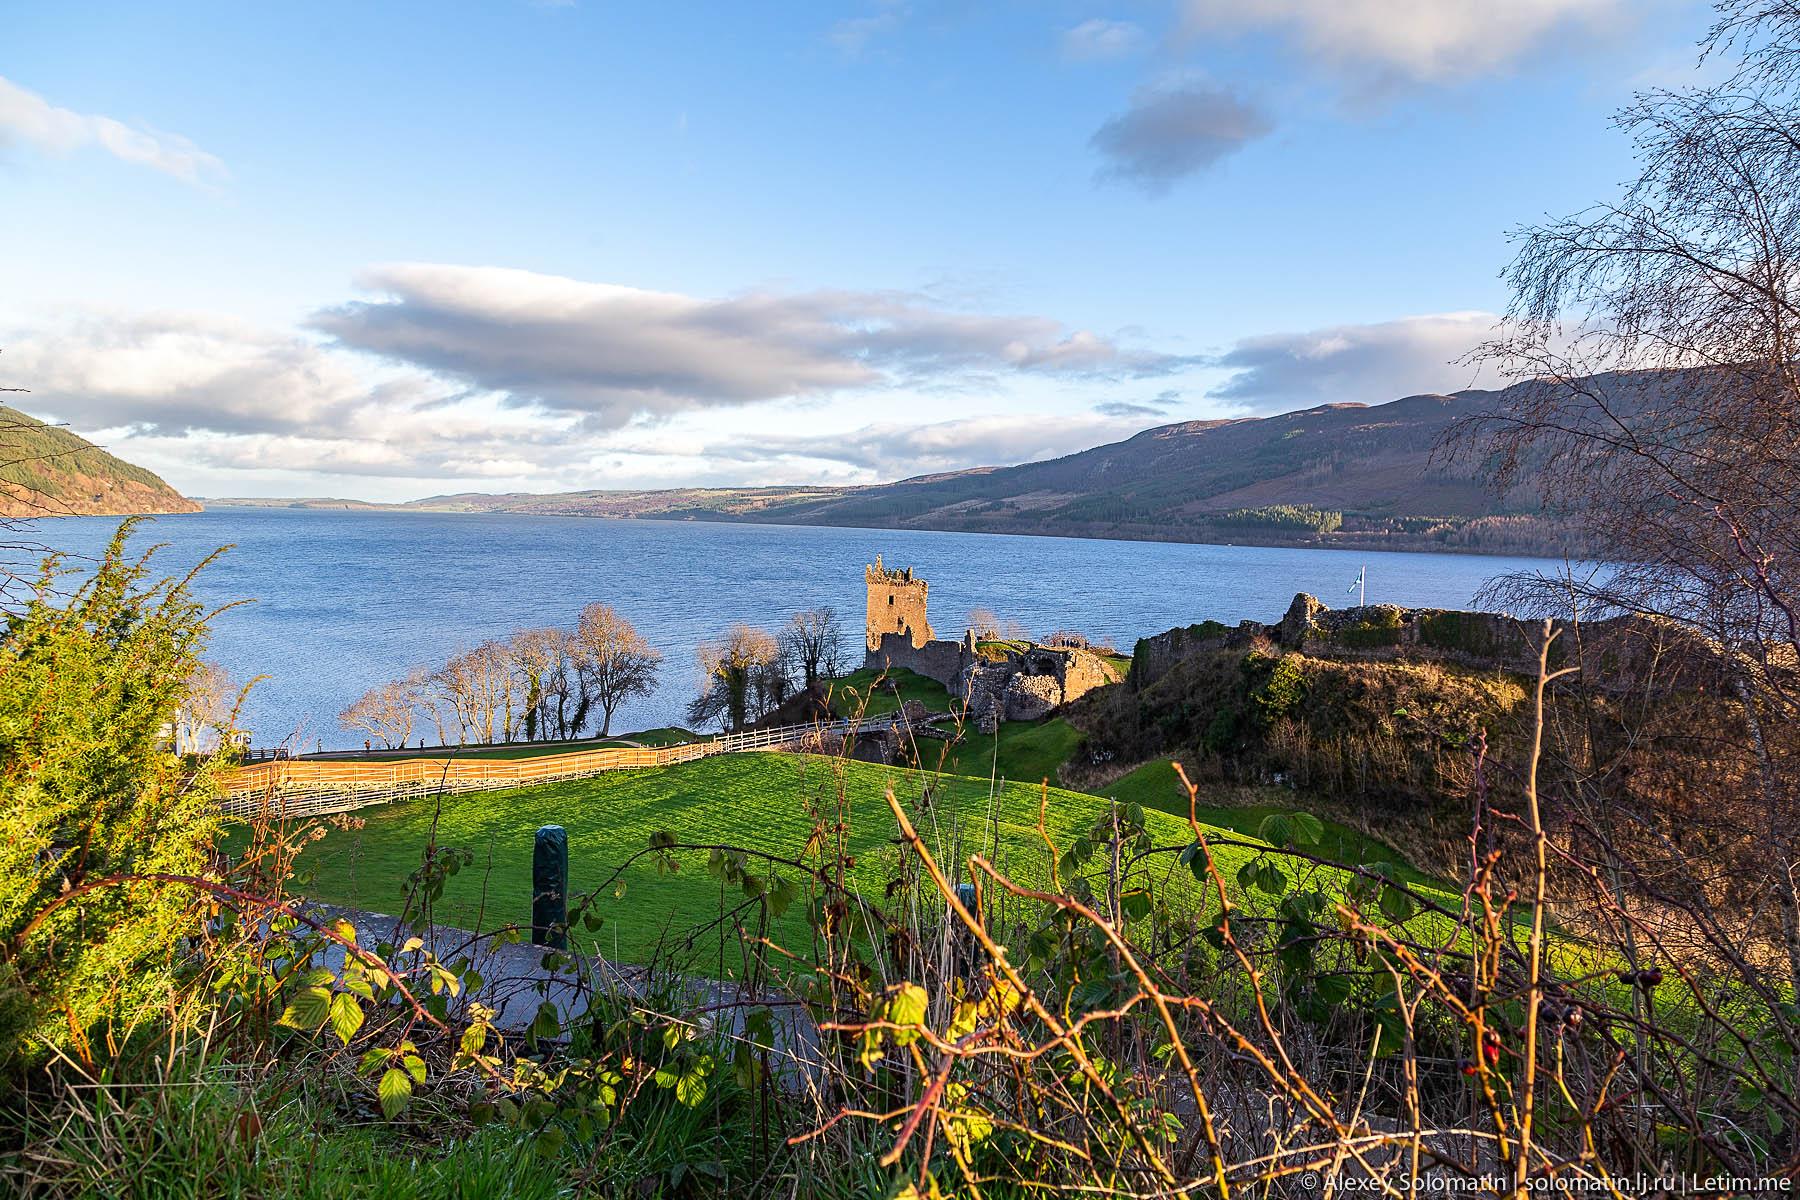 Озеро Лох-Несс. Шотландия. Путешествие. озера, ЛохНесс, очень, Несси, озеро, Шотландии, замка, берегу, просто, снимок, Инвернесса, замок, монстра, Аркарт, можно, Уилсон, живет, Тогда, окрестностях, является